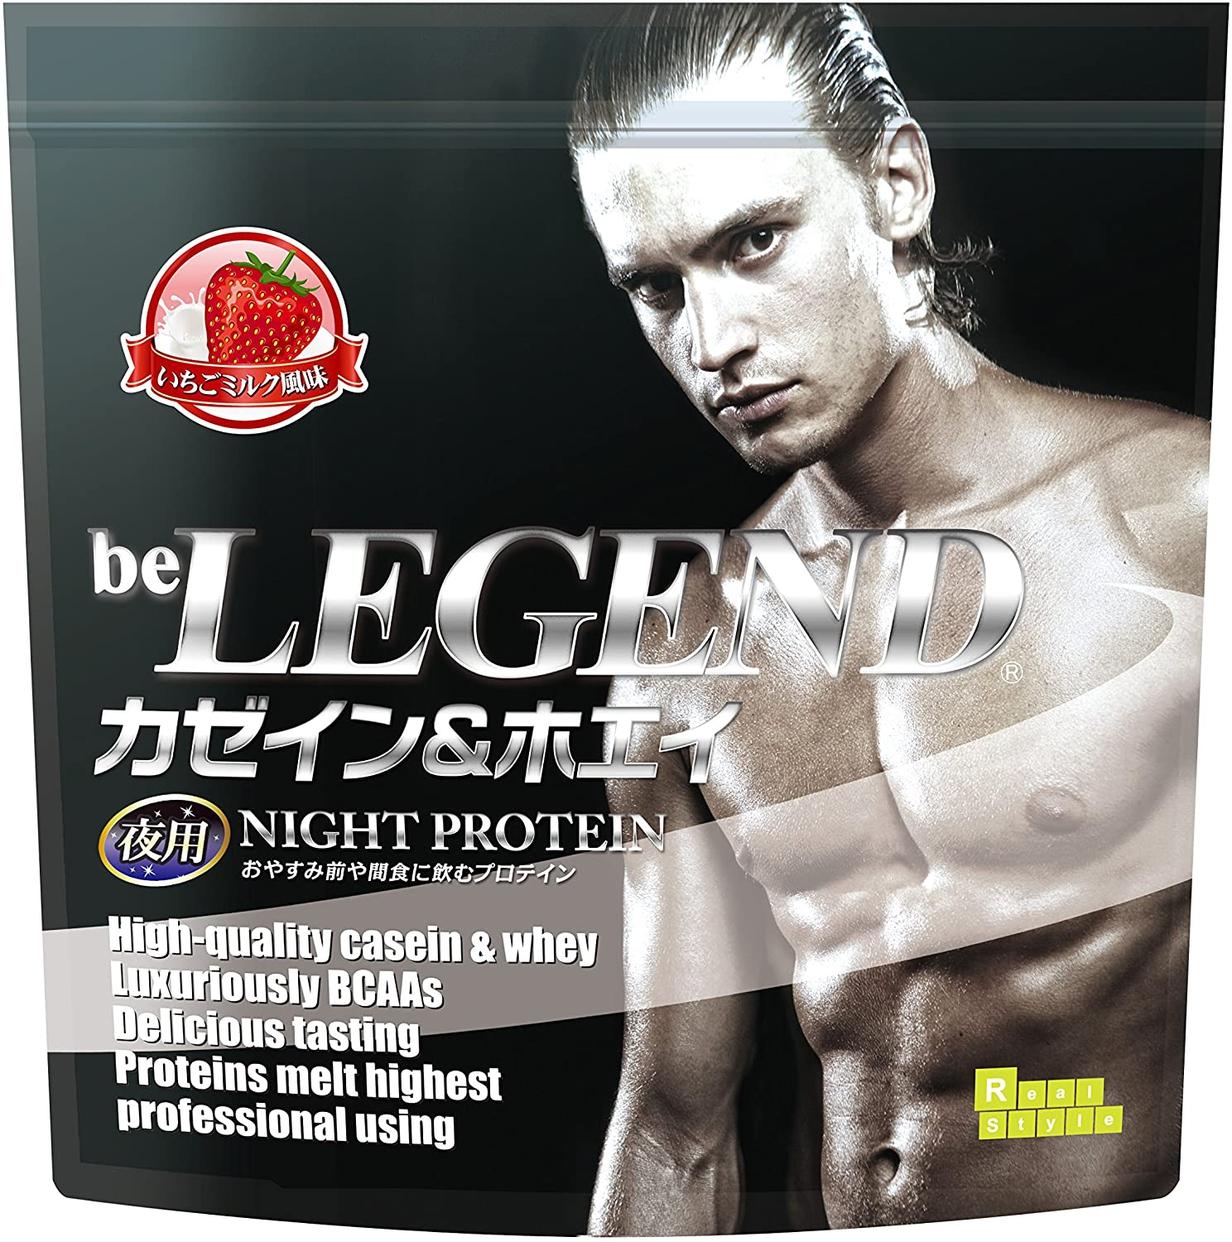 be LEGEND(ビーレジェンド) カゼイン&ホエイの商品画像